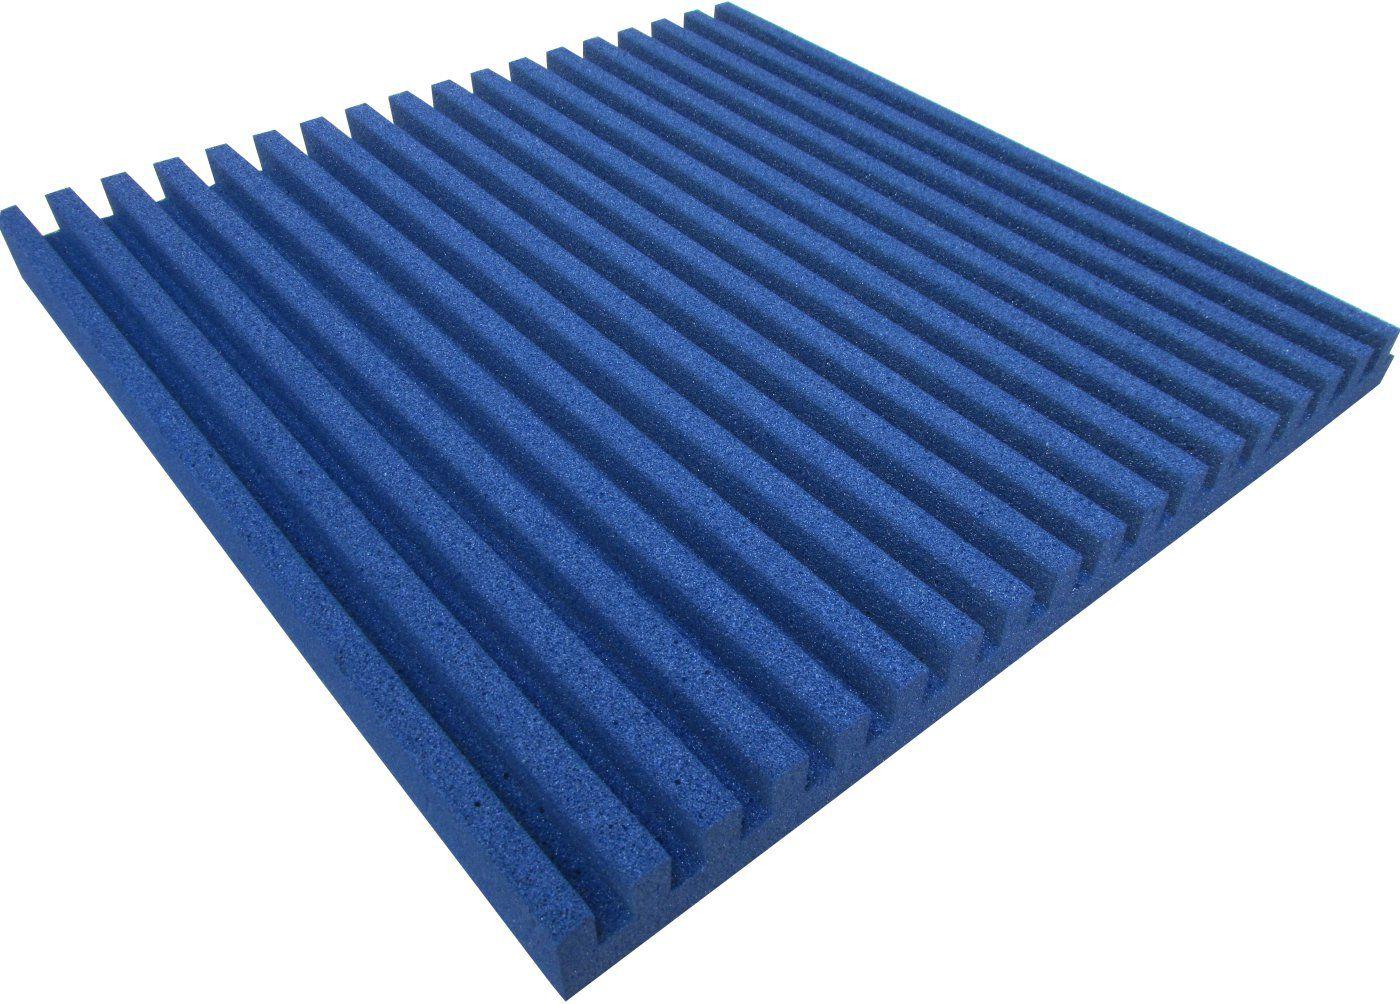 Espuma acústica Linha REV - R - Azul - Kit 8 peças (2m²)  - Loja SPL Acústica